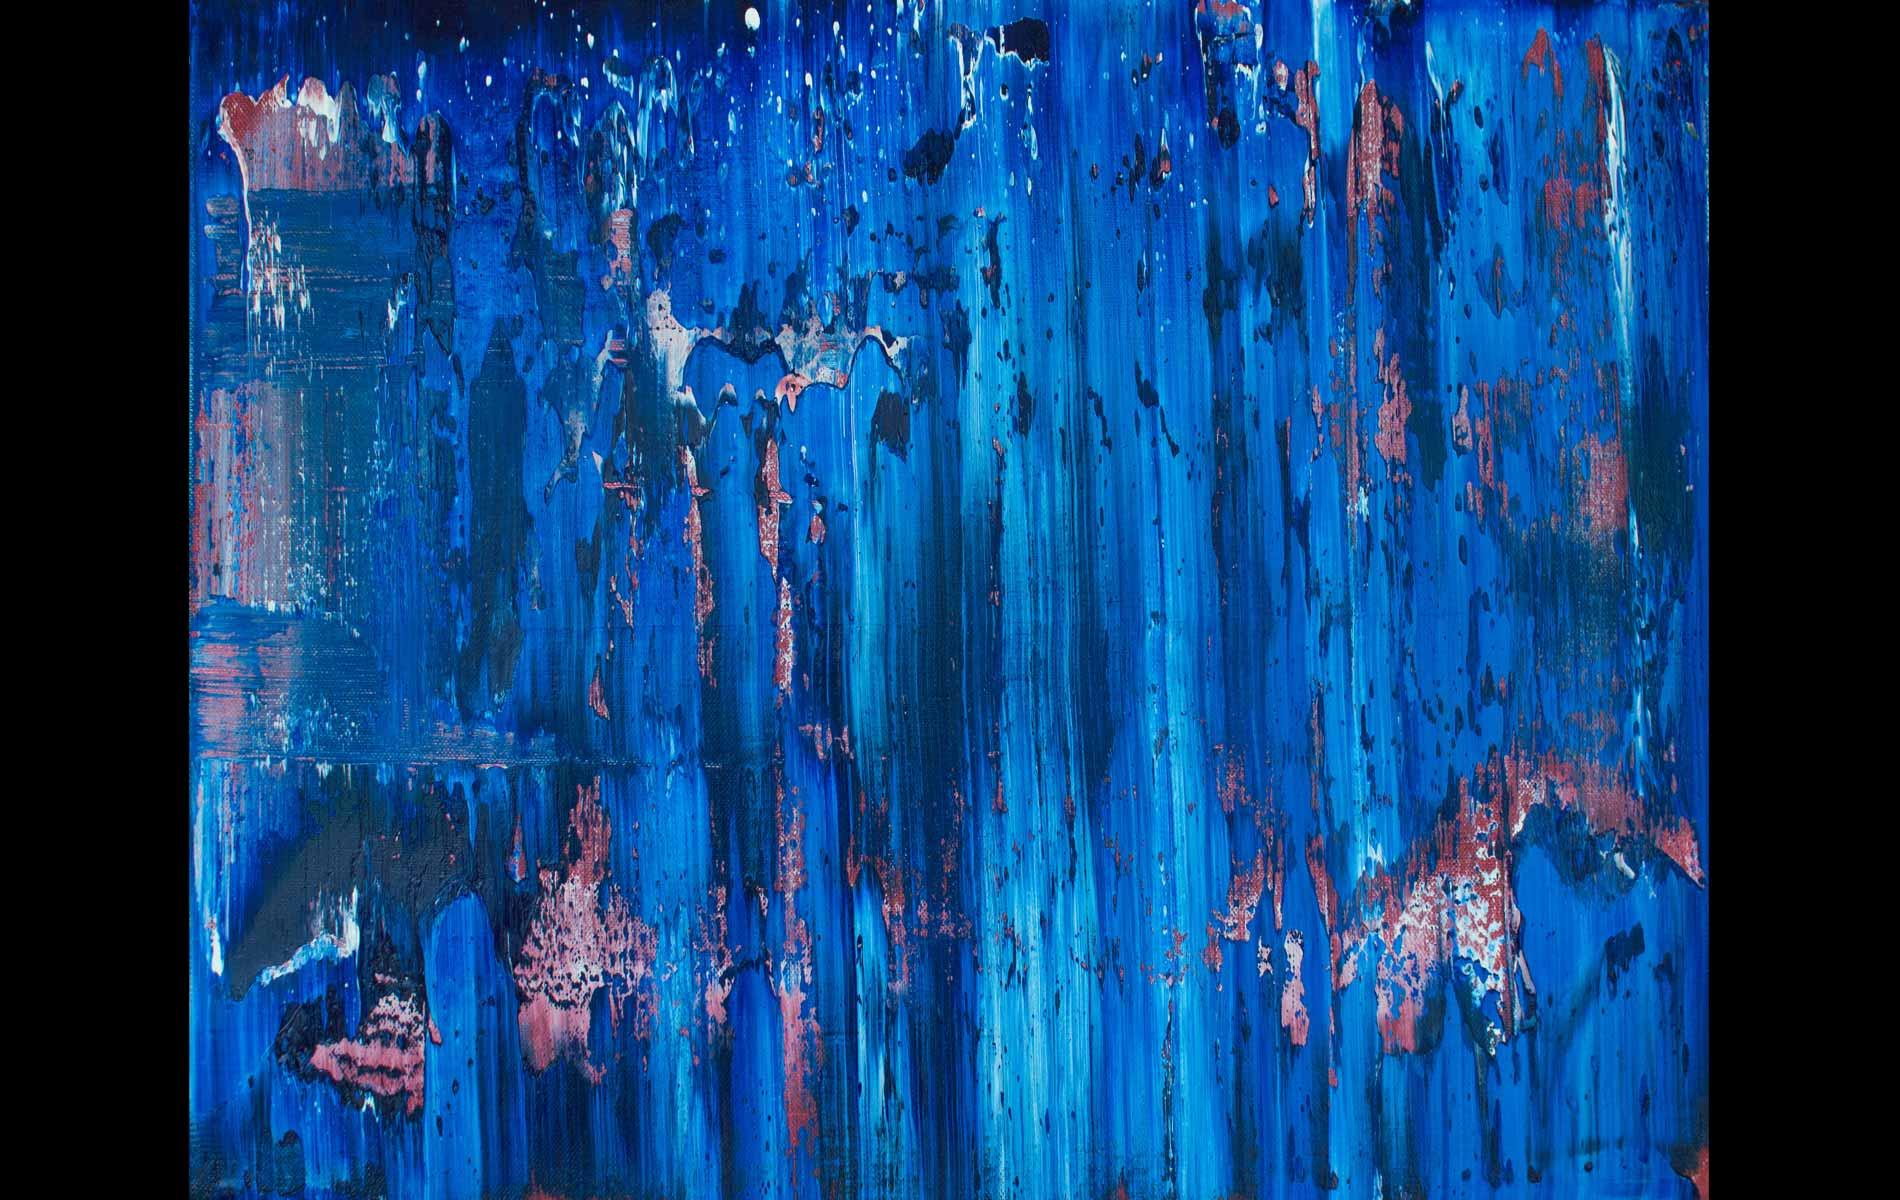 Deep, 2013, Oil on Canvas, 18 x 20